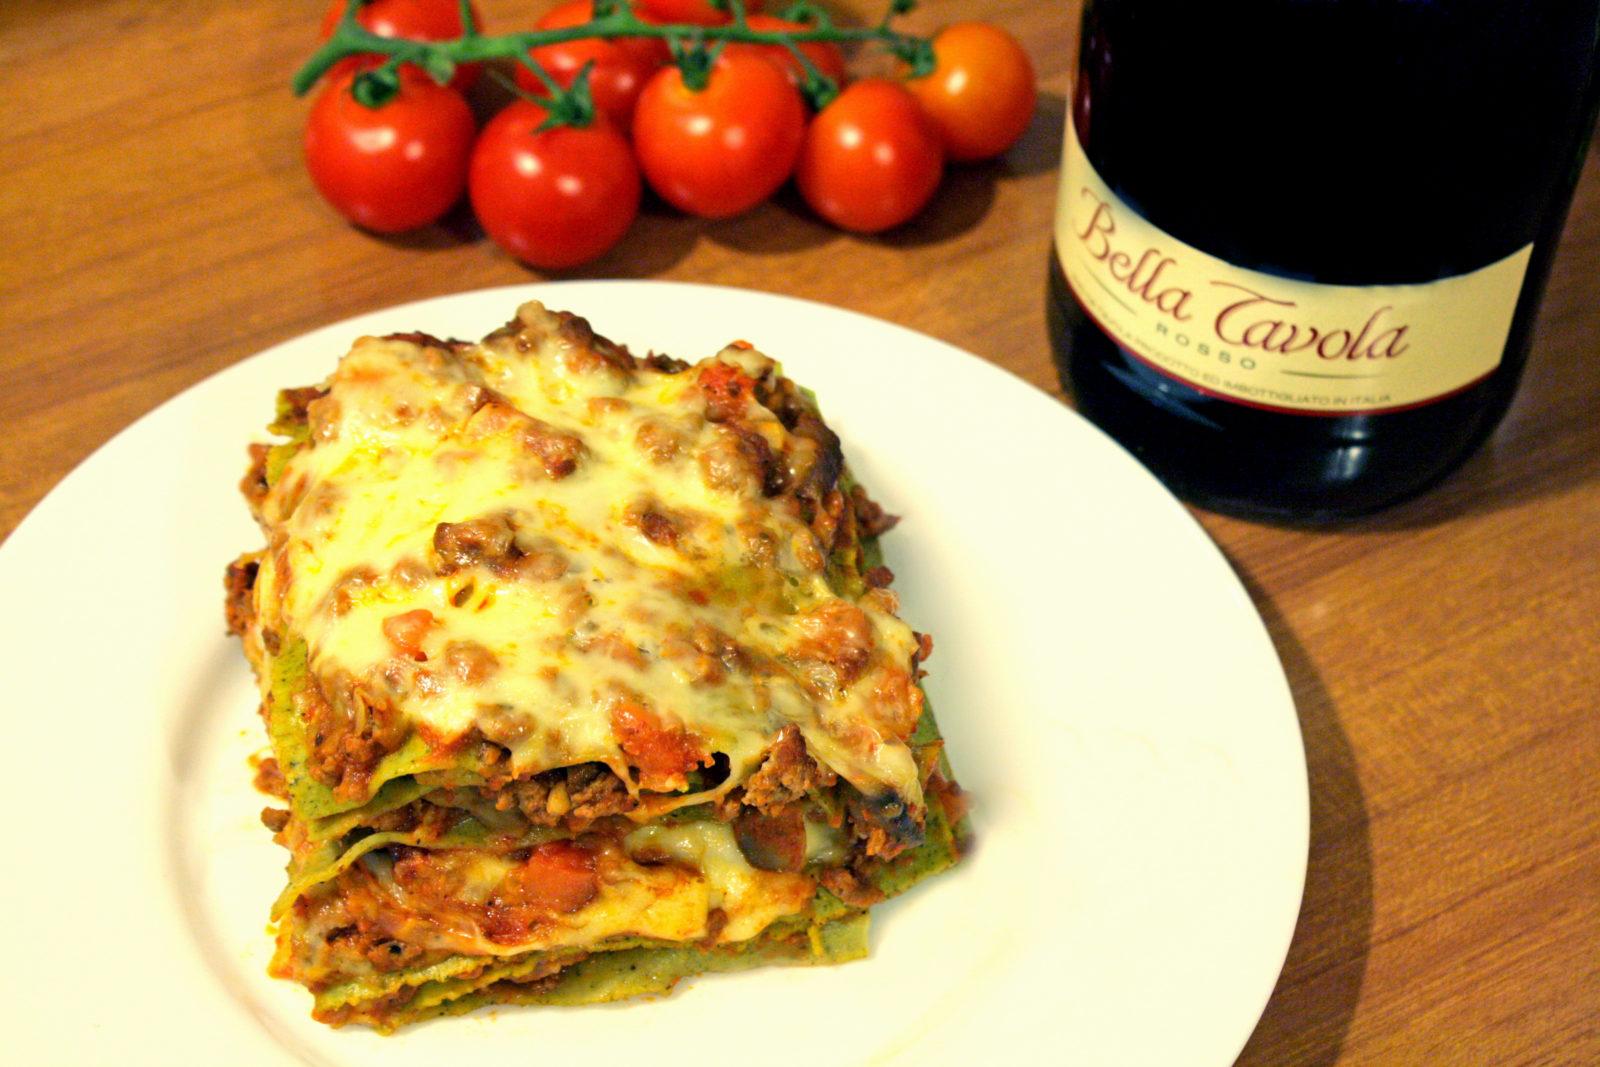 Lasagna verde con ragú de carne y verduras